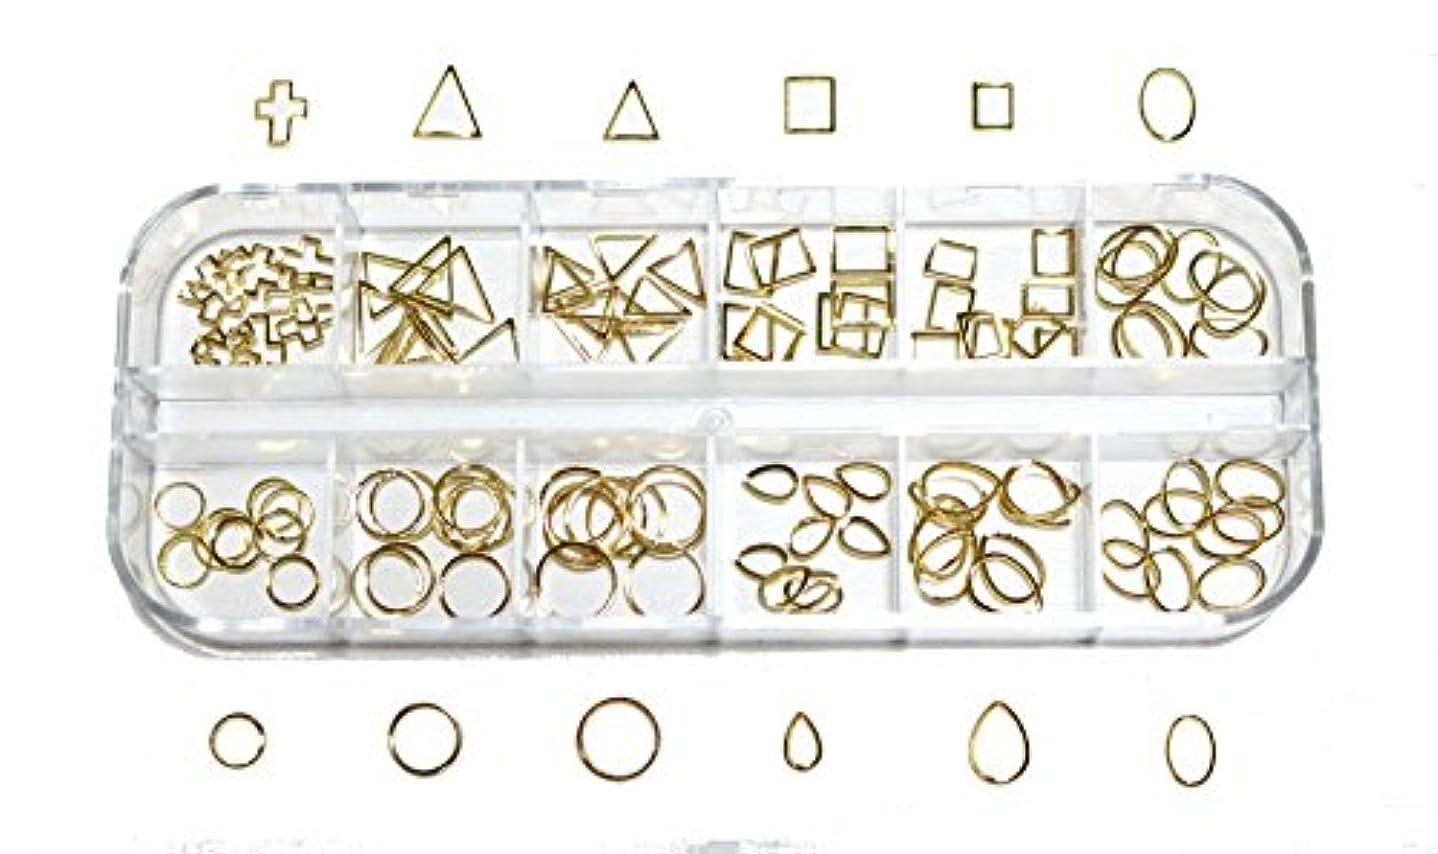 圧倒的プラグカーフ【jewel】 メタルフレームパーツ ゴールドorシルバー 12種類 各10個入り カラー選択可能☆ (ゴールド)